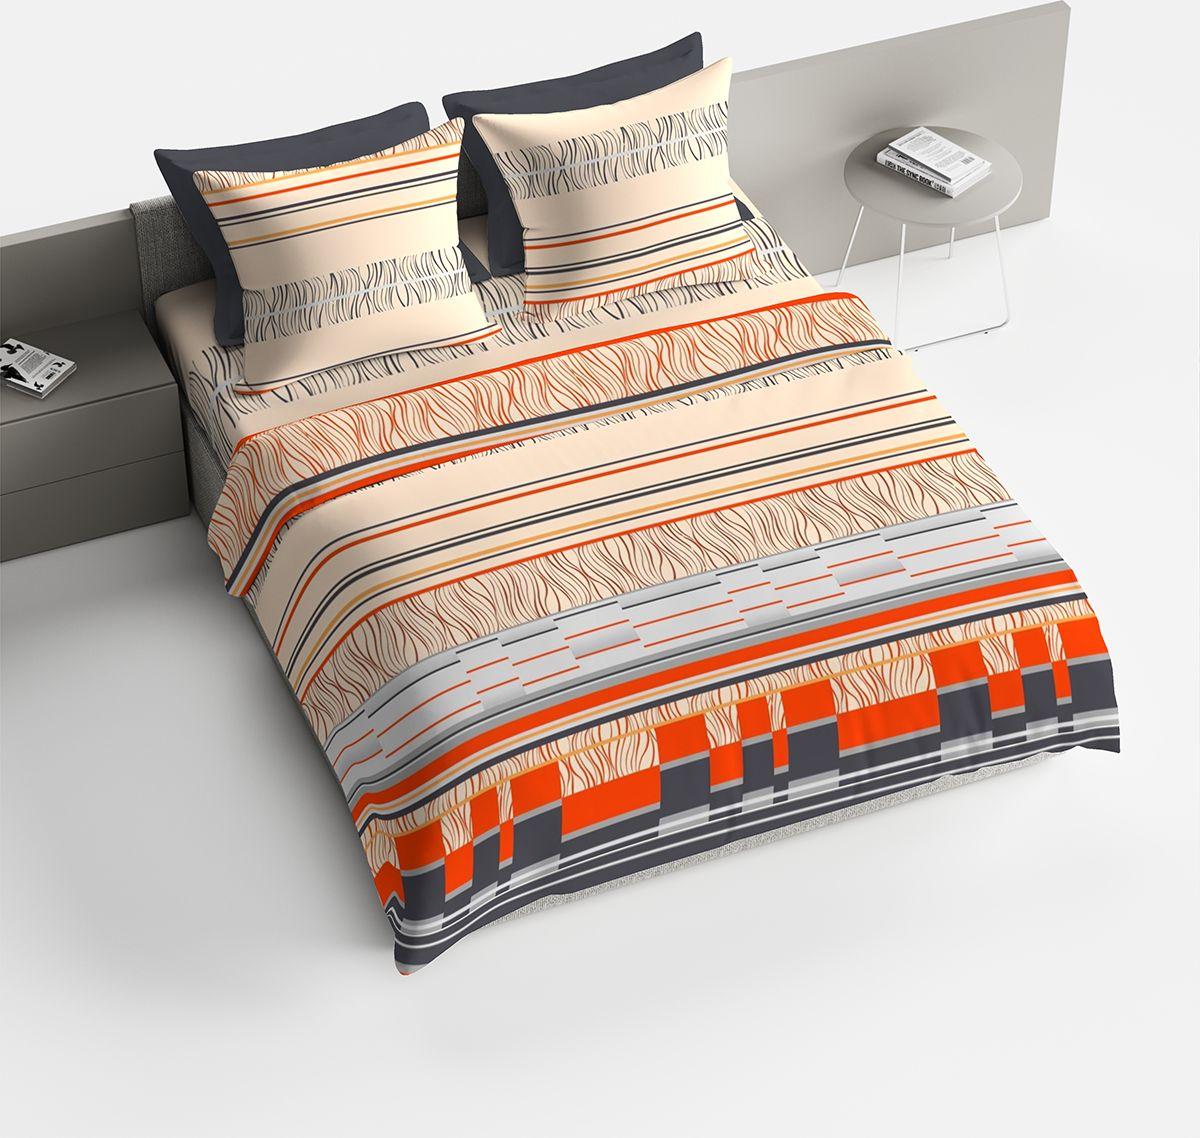 Комплект белья Браво Манфредо, семейный, наволочки 70x70, цвет: оранжевый. 4075-187748